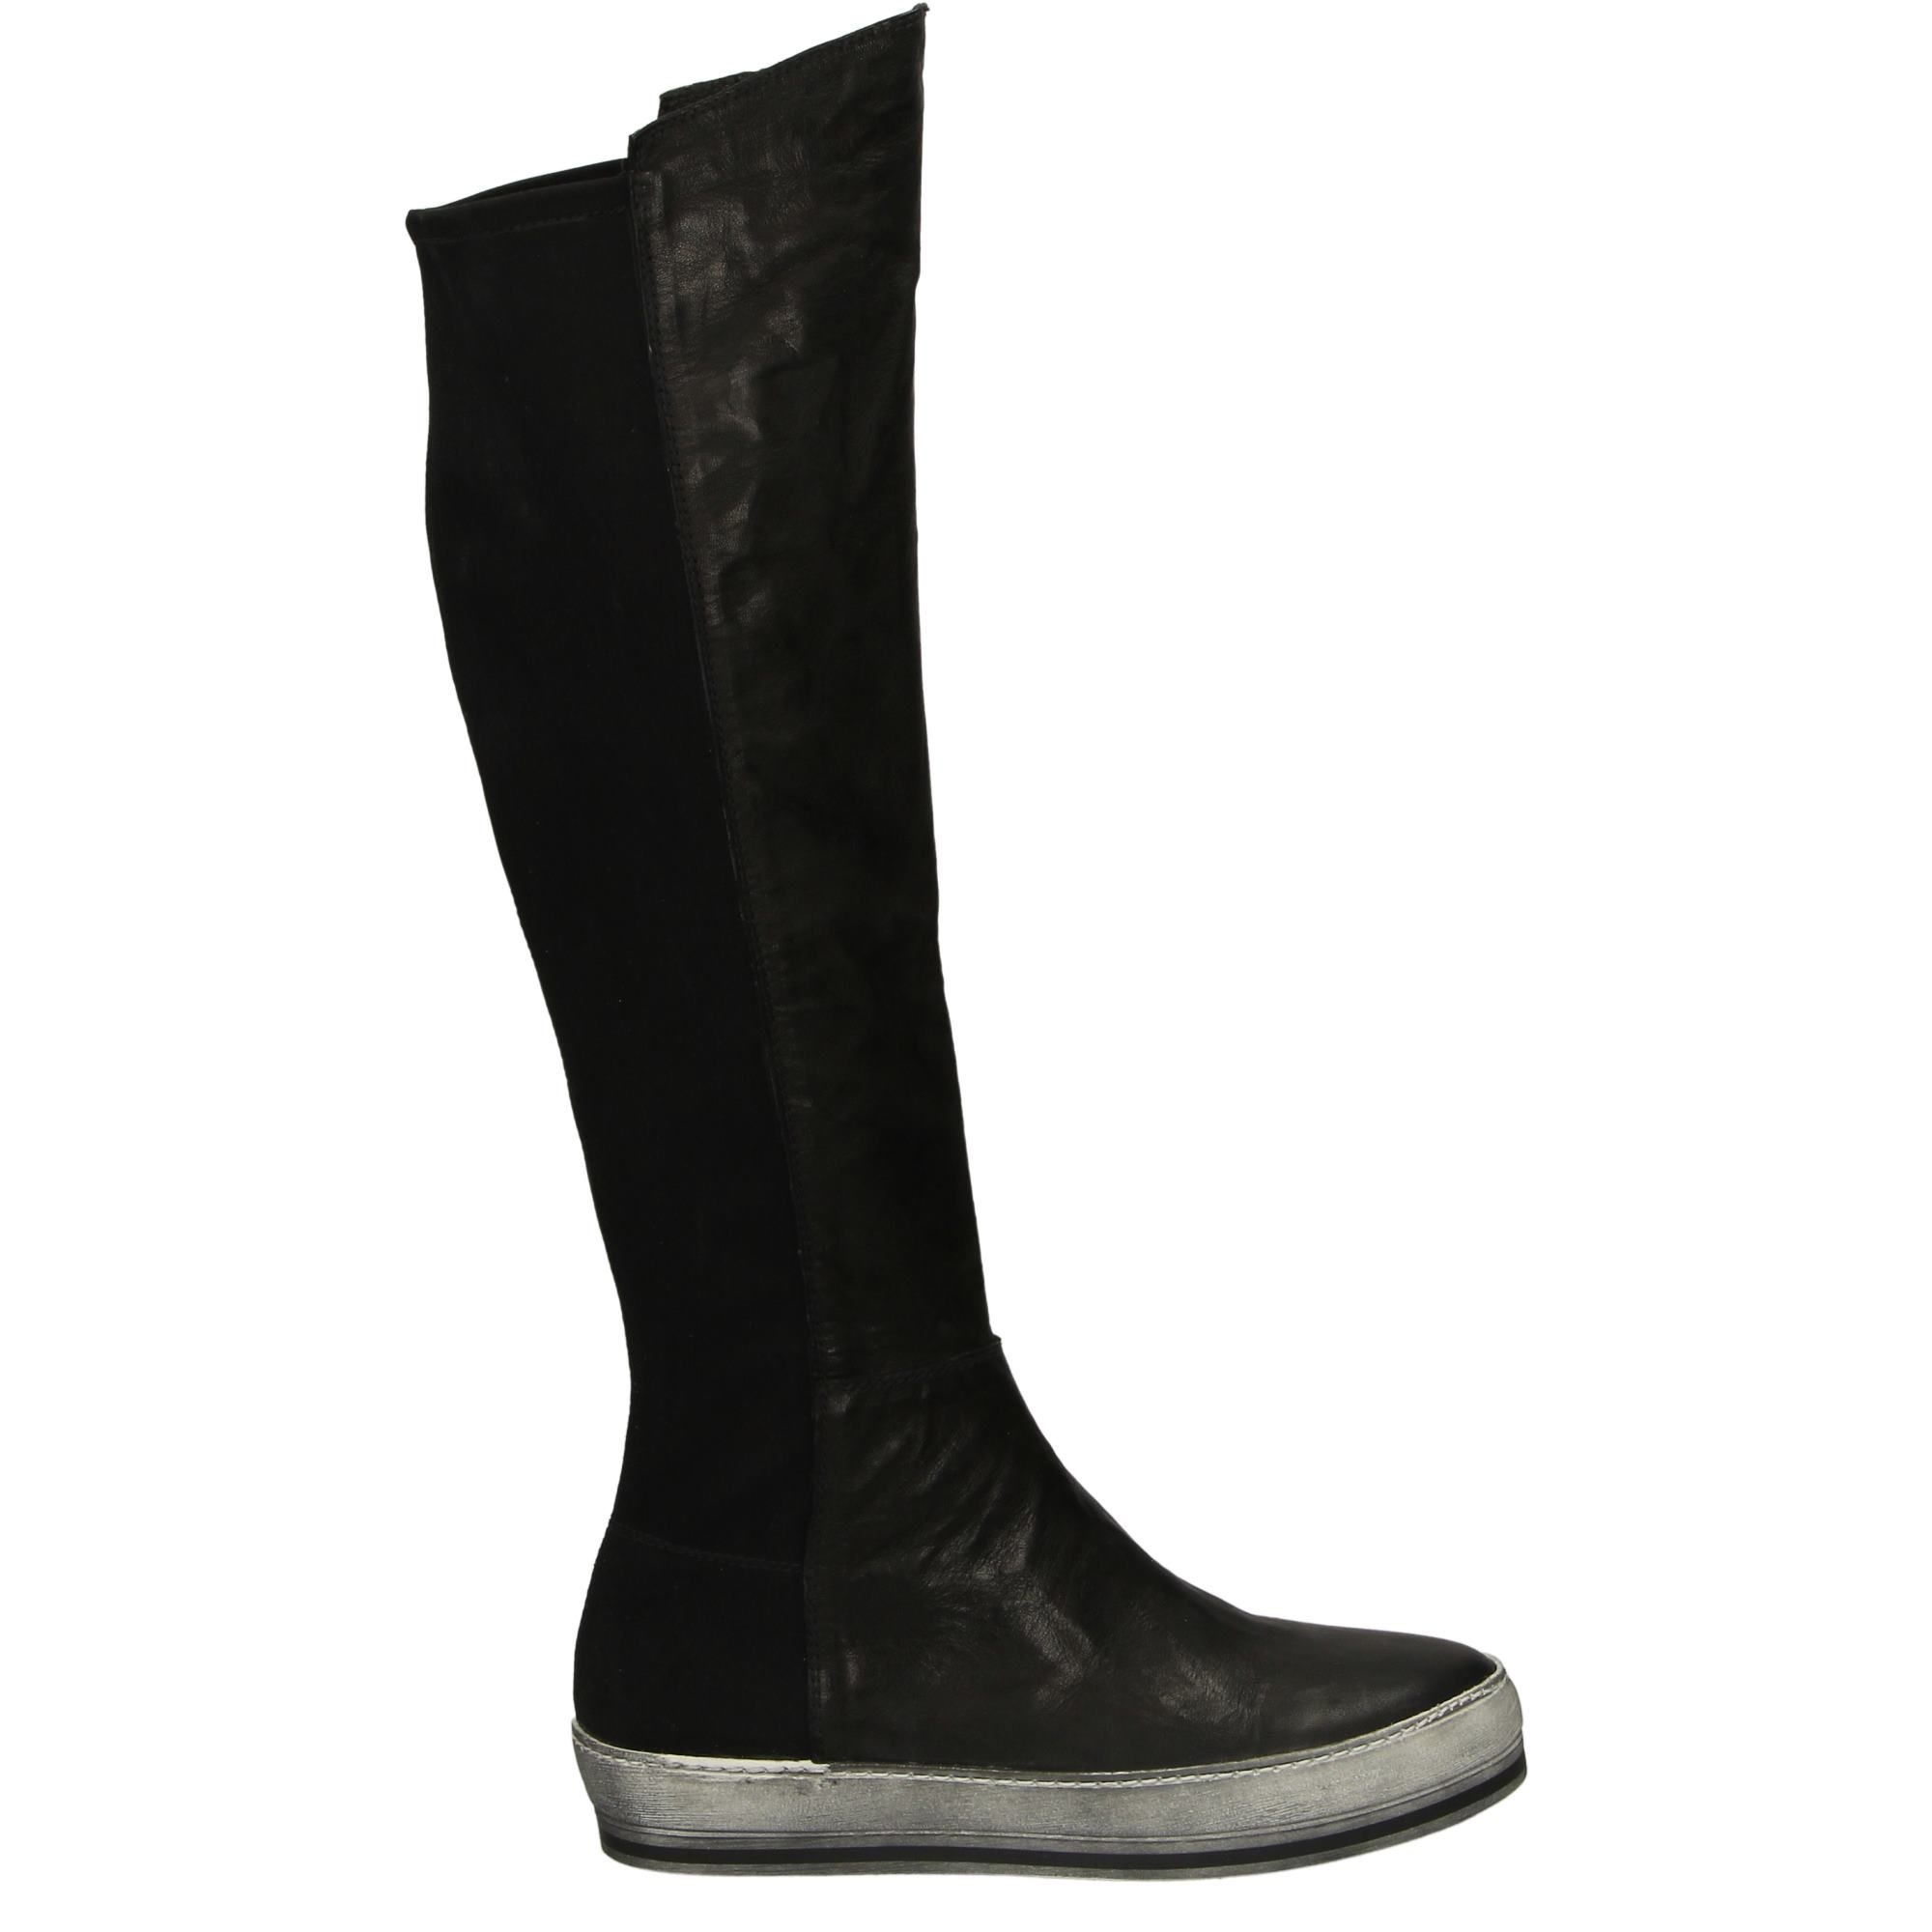 Venezia Firmowy Sklep Online Markowe Buty Online Buty Wloskie Obuwie Damskie Obuwie Meskie Torby Damskie Kurtki Damskie Boots Shoes Wedge Boot